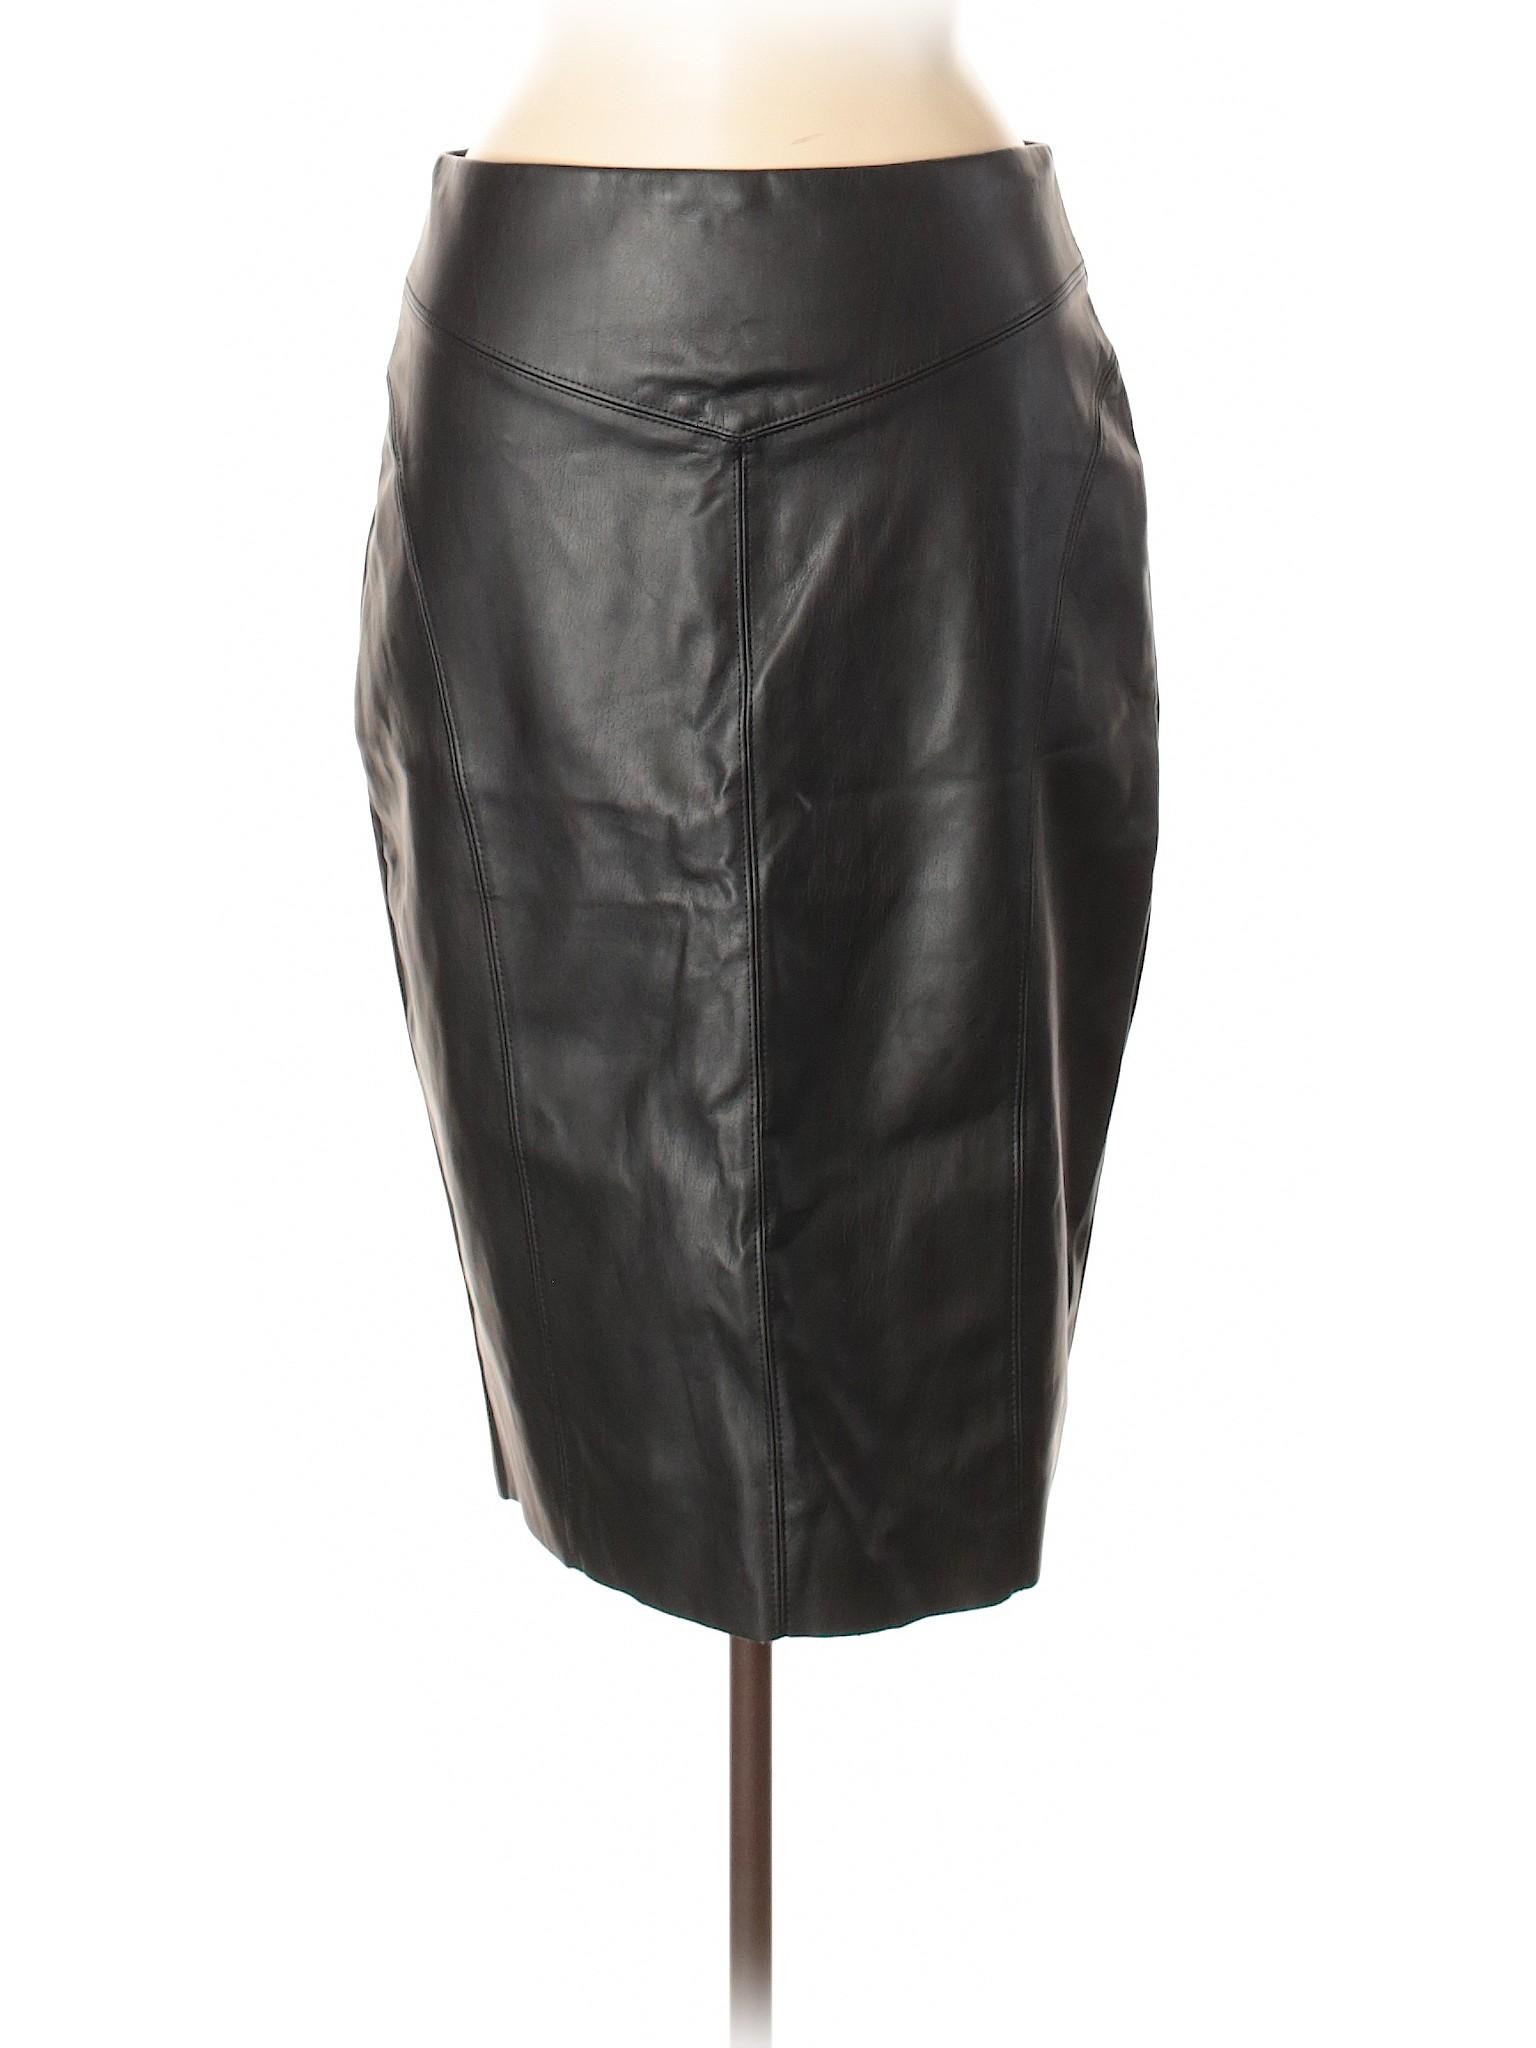 Boutique Faux Leather Boutique Faux Skirt Skirt Leather Boutique Faux 5wqI5O1